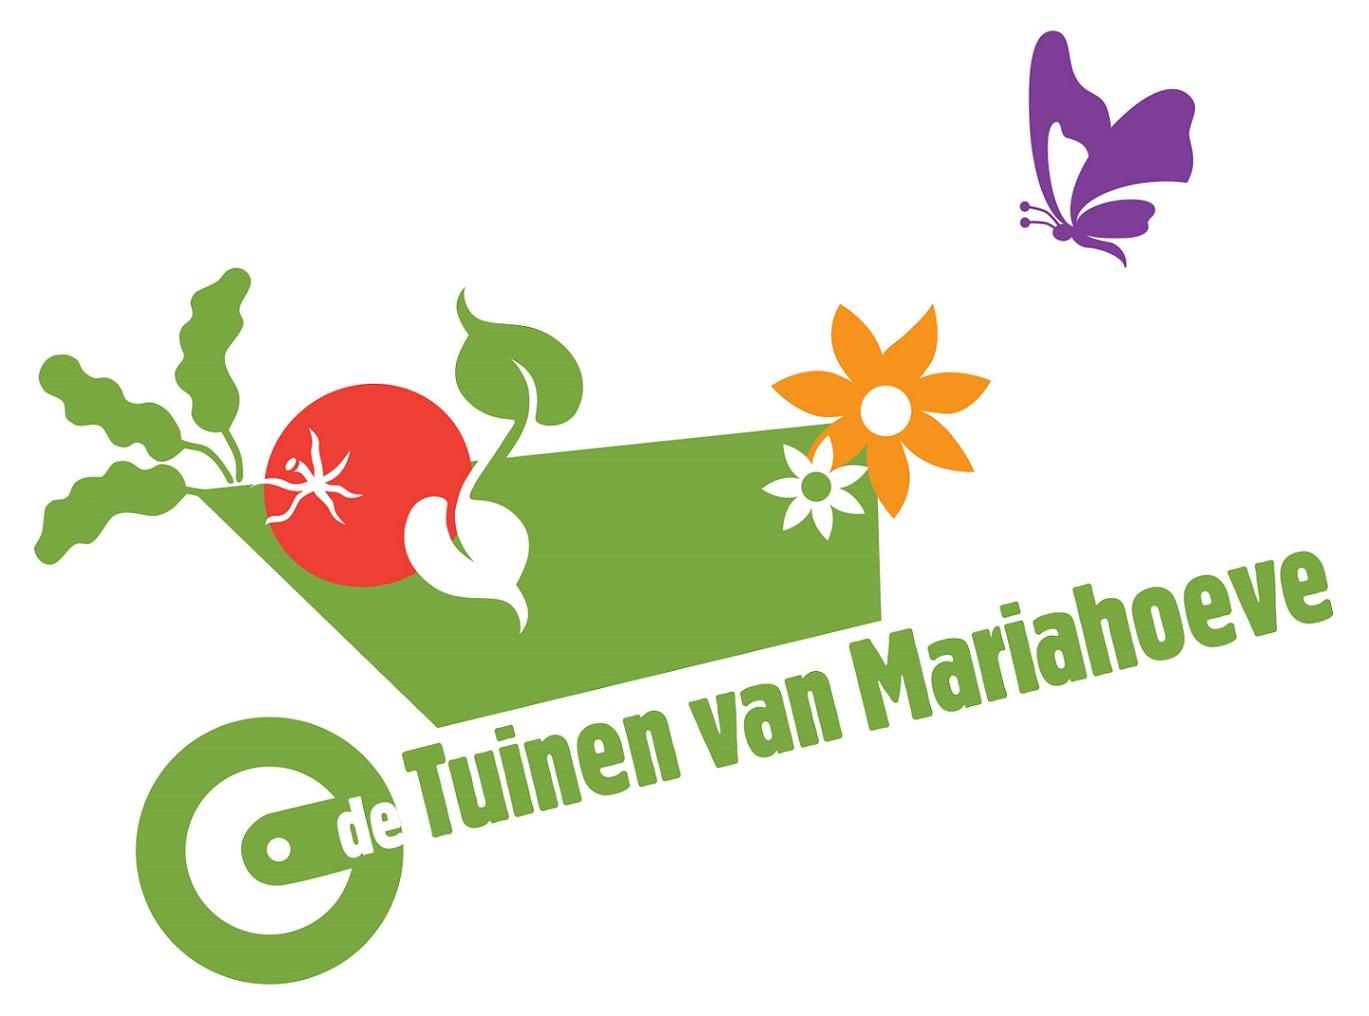 Logo_Tuinen_van_Mariahoeve lookatie364 kunstpost